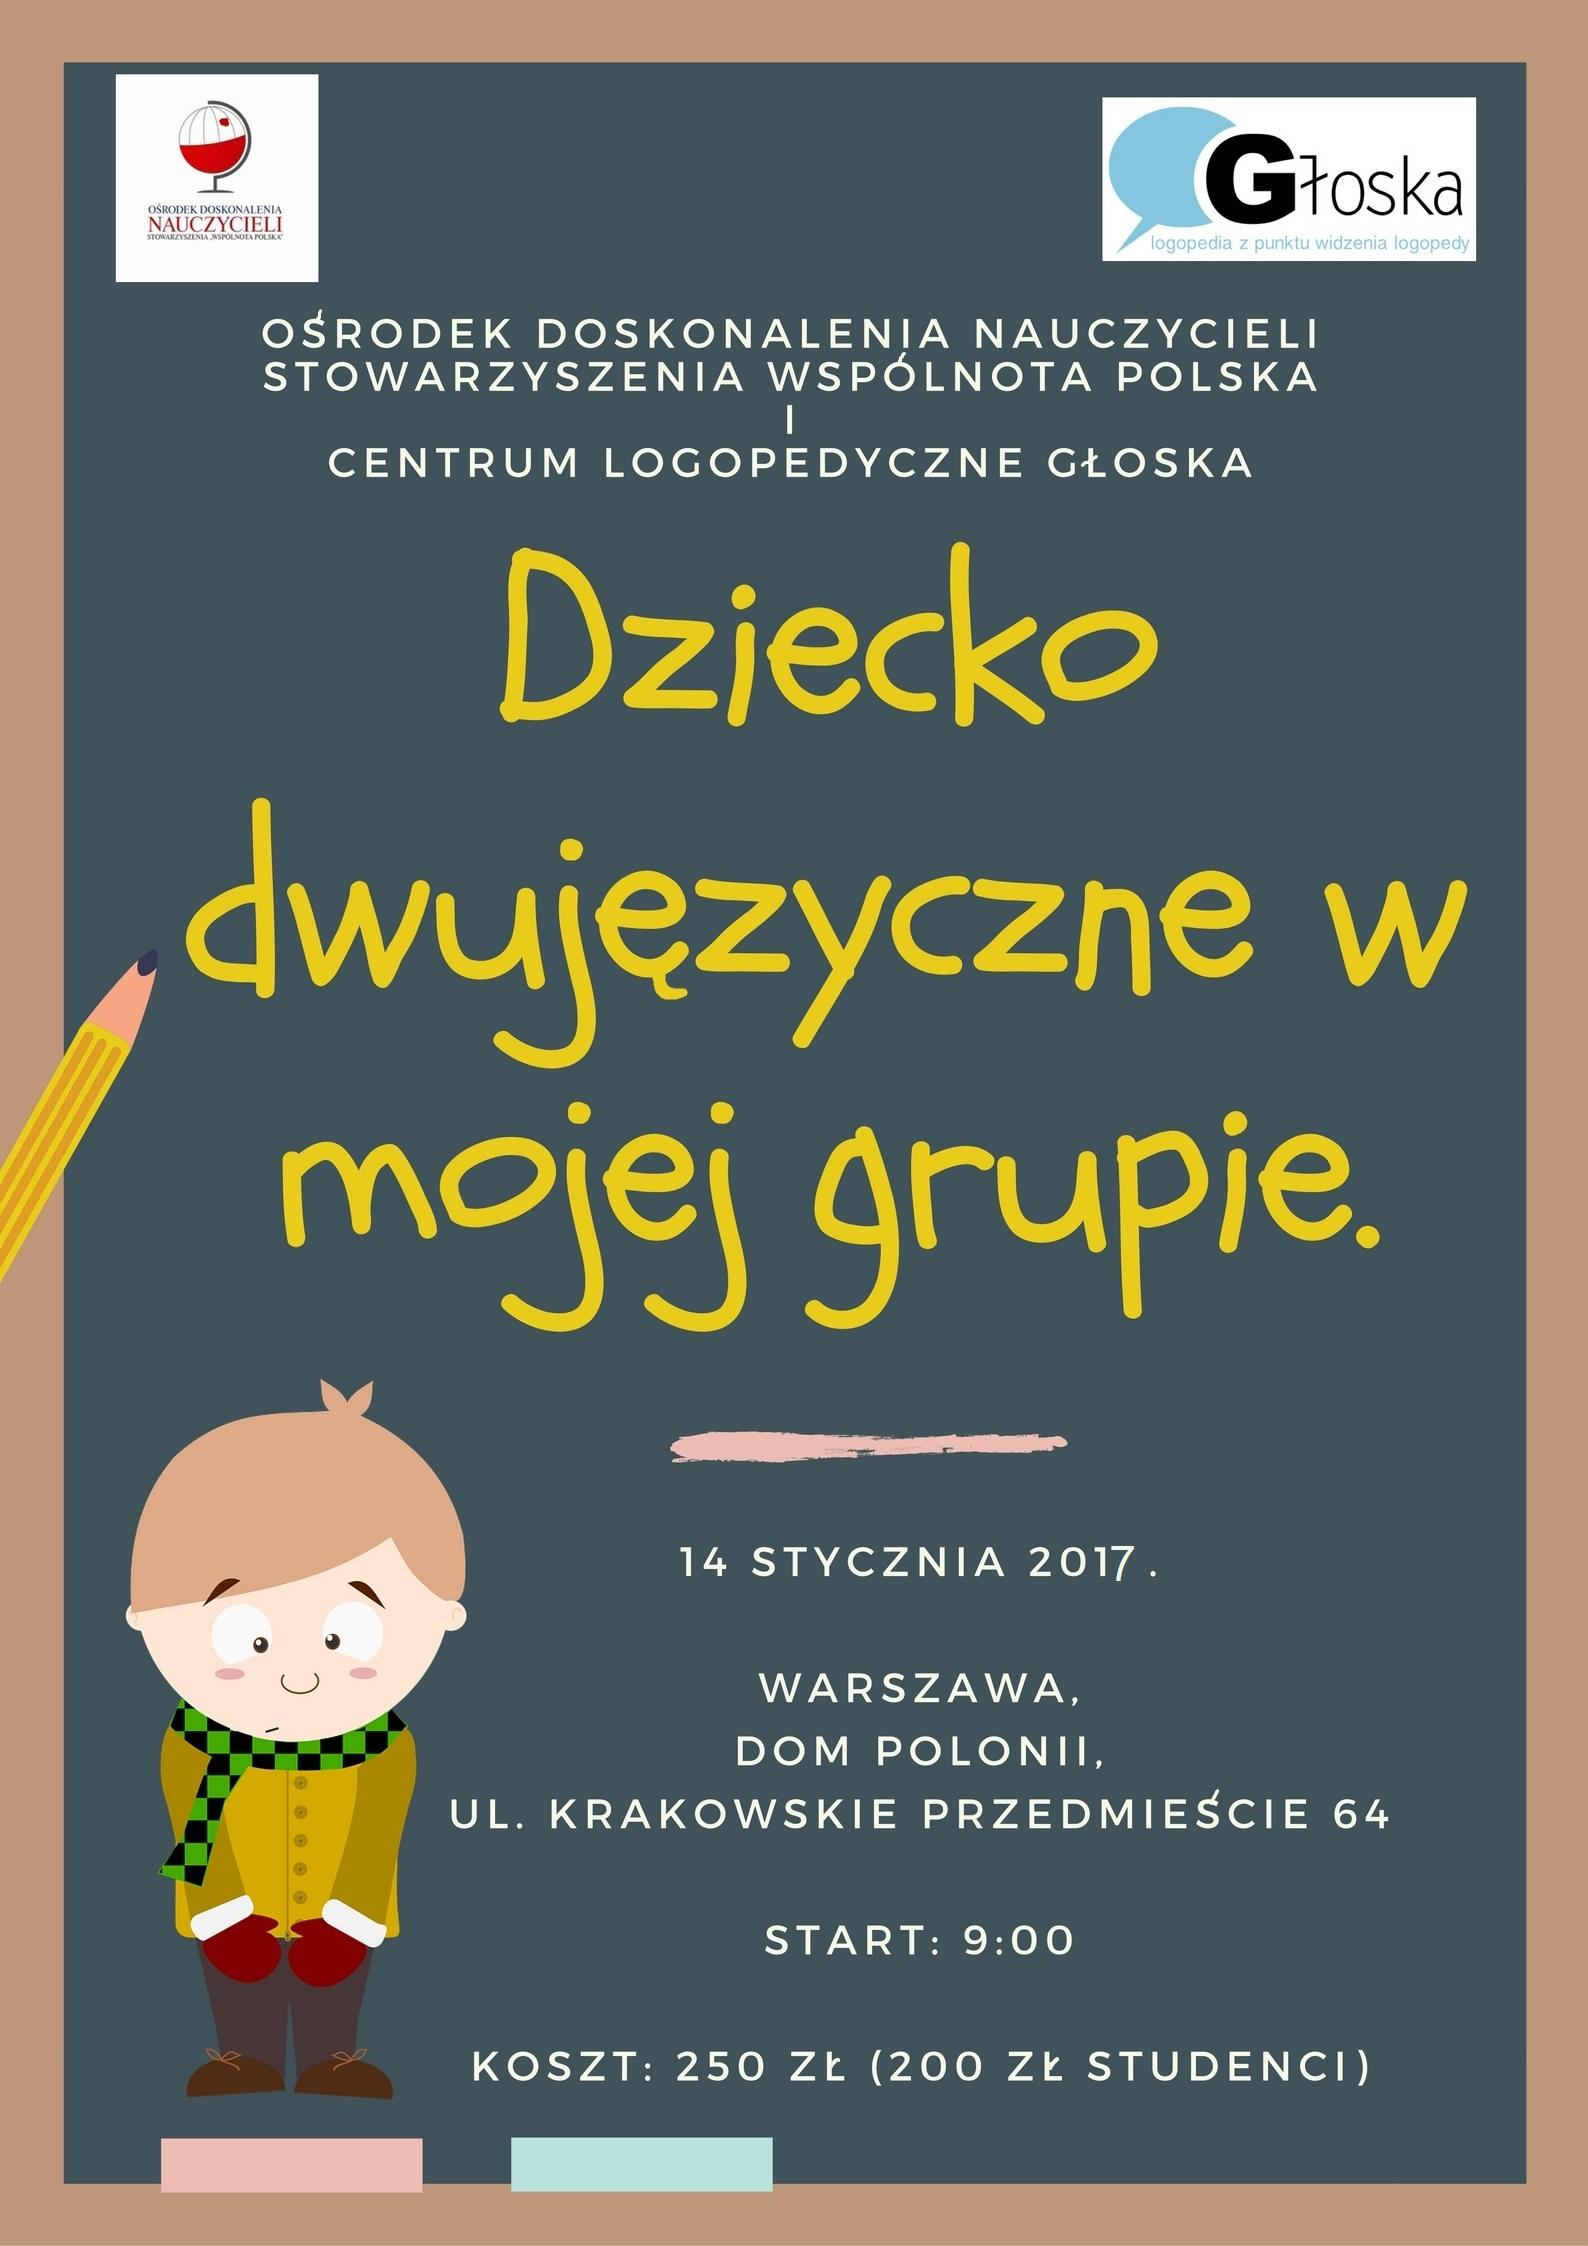 Cykl szkoleń dla logopedów inauczycieli zPolski